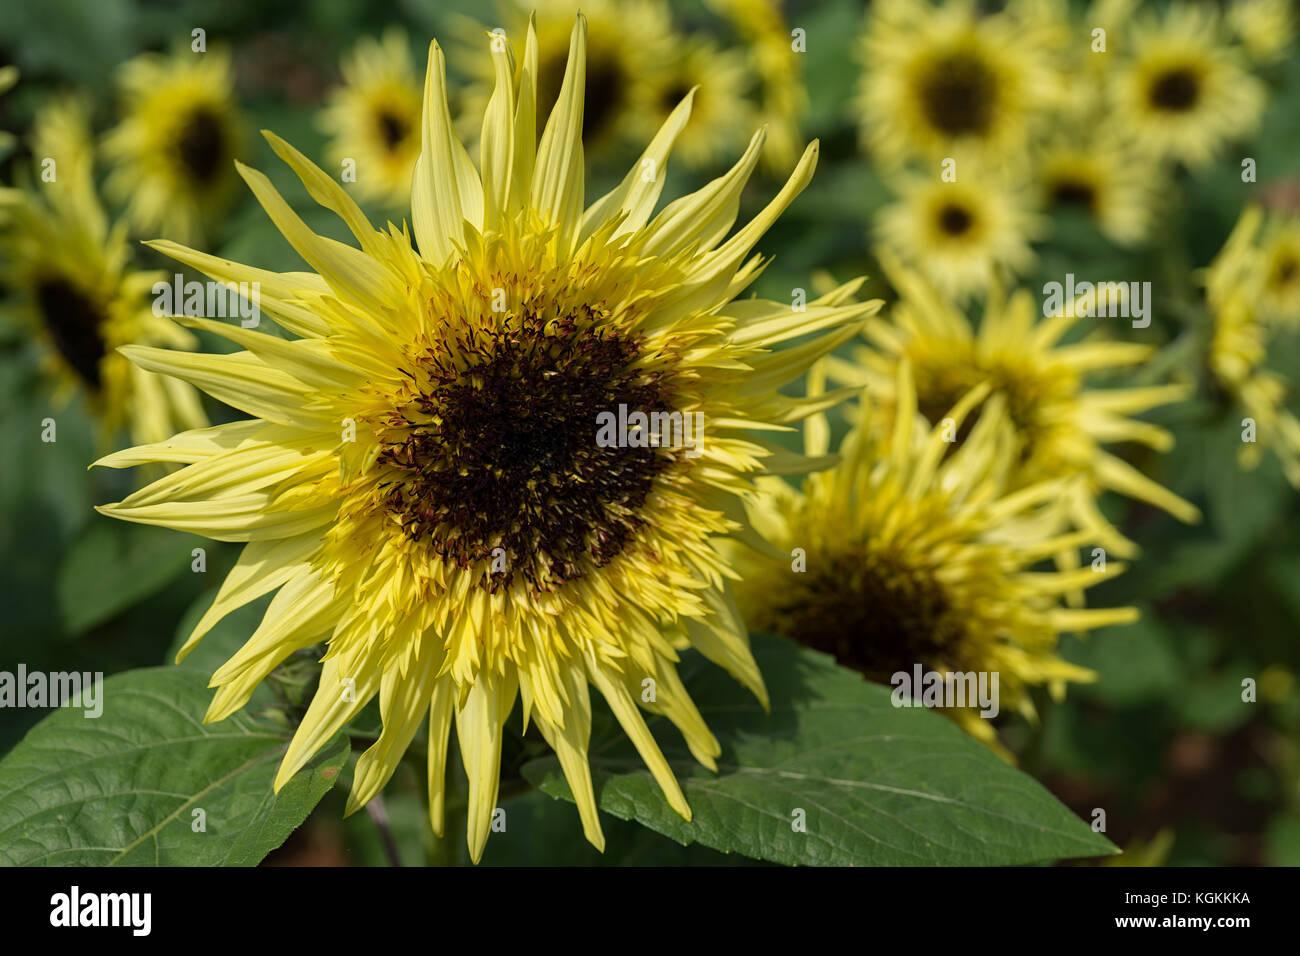 Sunflower var. Starburst Lemon Éclair growing in the summer garden - Stock Image